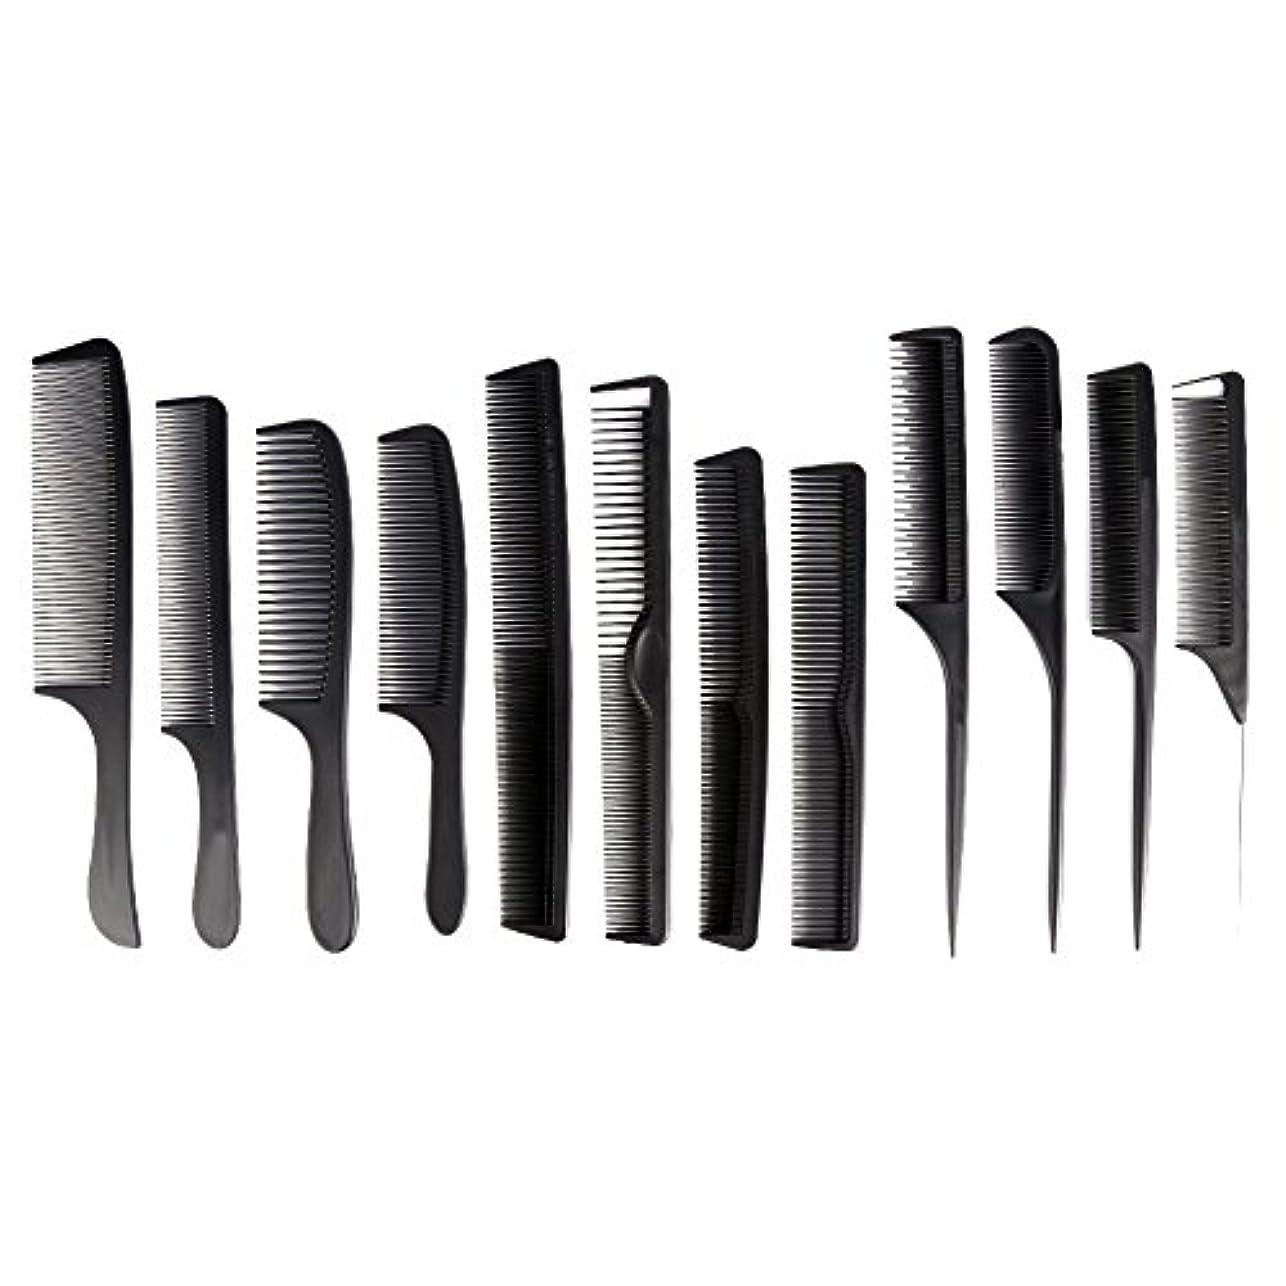 線ロースト巨大なカットコーム 散髪用コーム コームセット12点セット プロ用ヘアコーム  静電気減少 軽量 サロン/美容室/床屋など適用